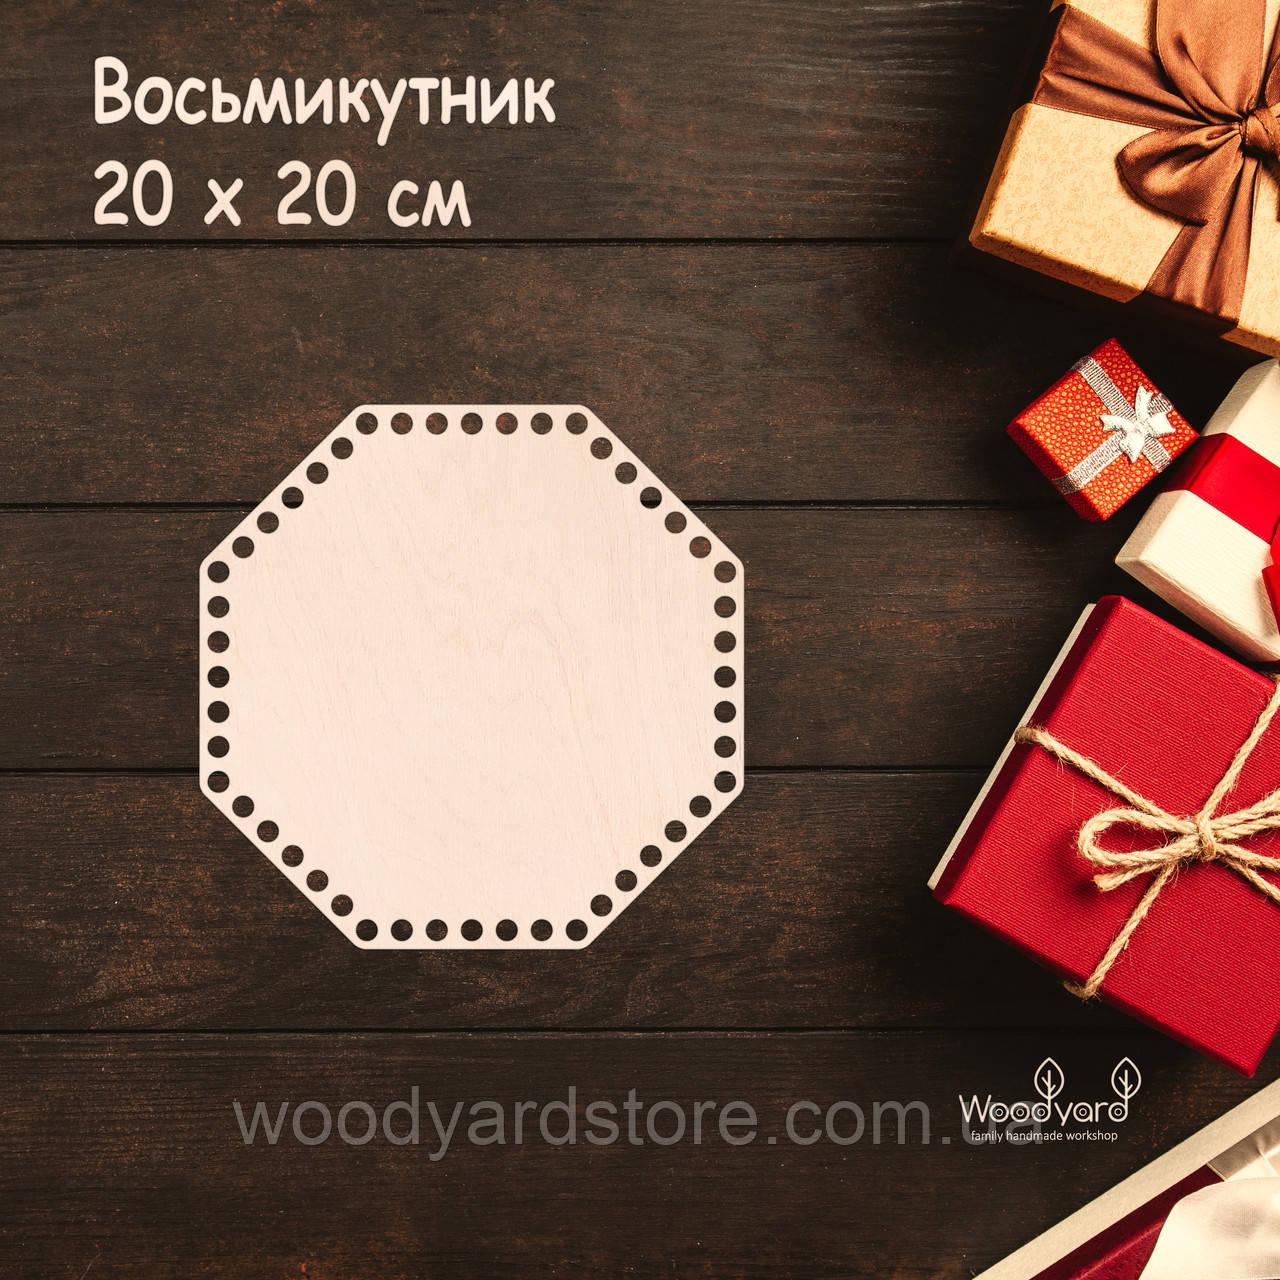 """Деревянное донышко для вязания корзин, сумок, люлек. Донышко """"8-миугольник"""". Размер: 20x20 см."""